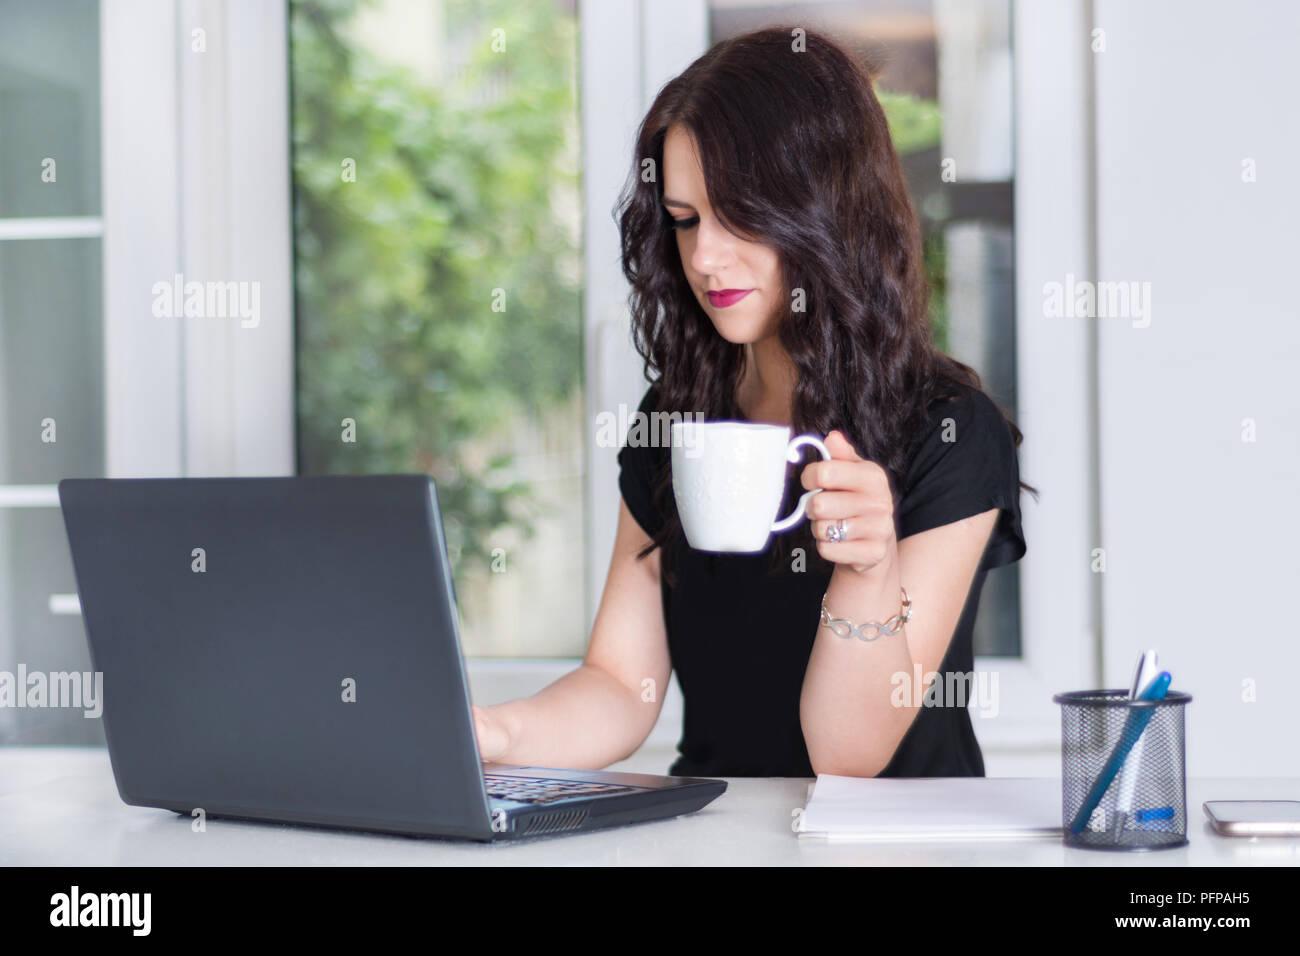 Belle jeune fille travaillant sur office et tasse de café potable. Concept d'affaires et d'emploi moderne. Close up, selective focus Photo Stock